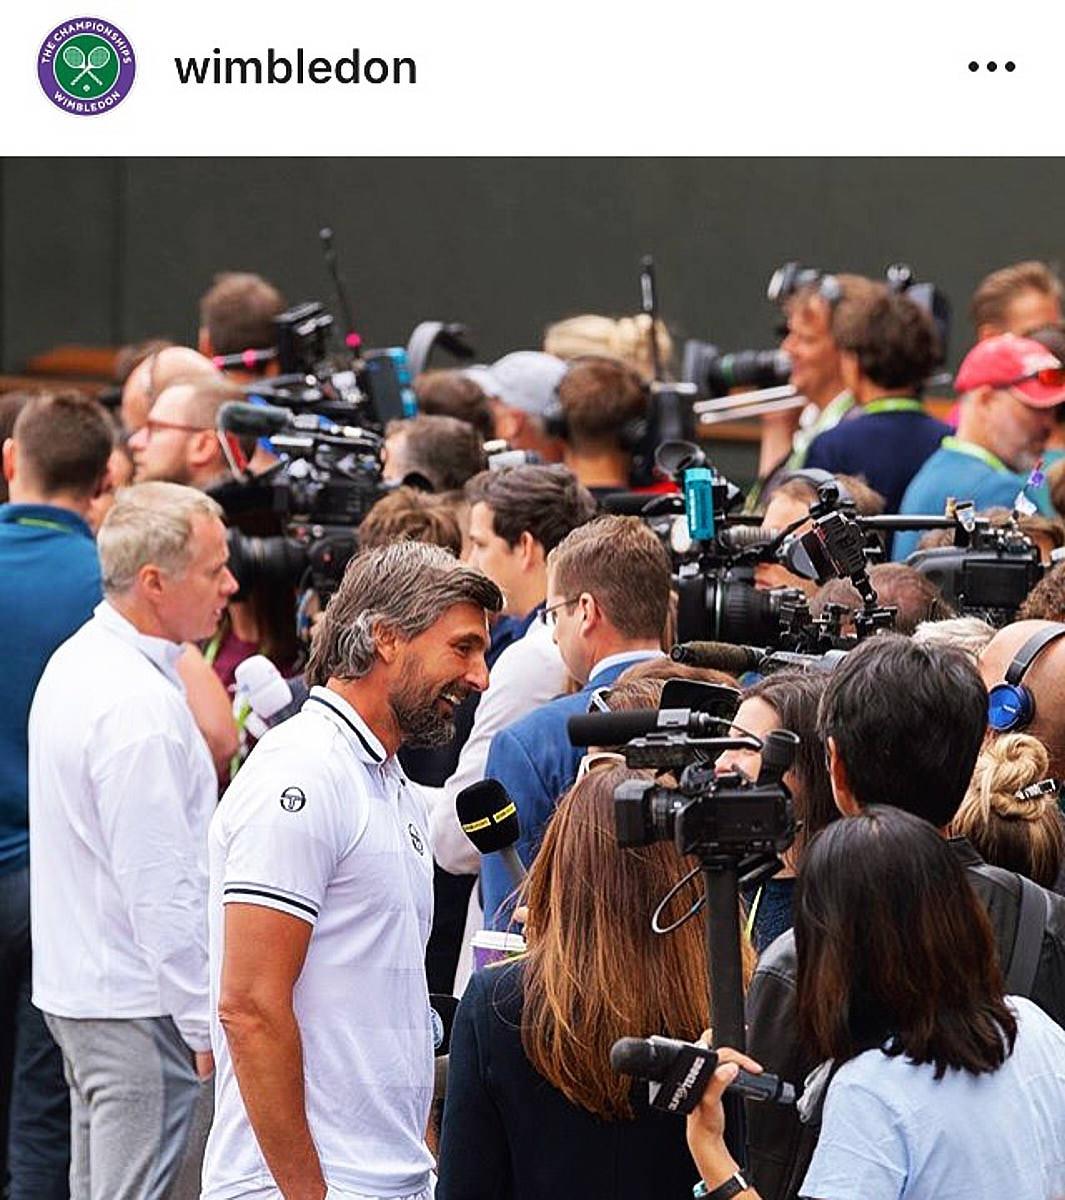 Wimbledon 2018 12 small